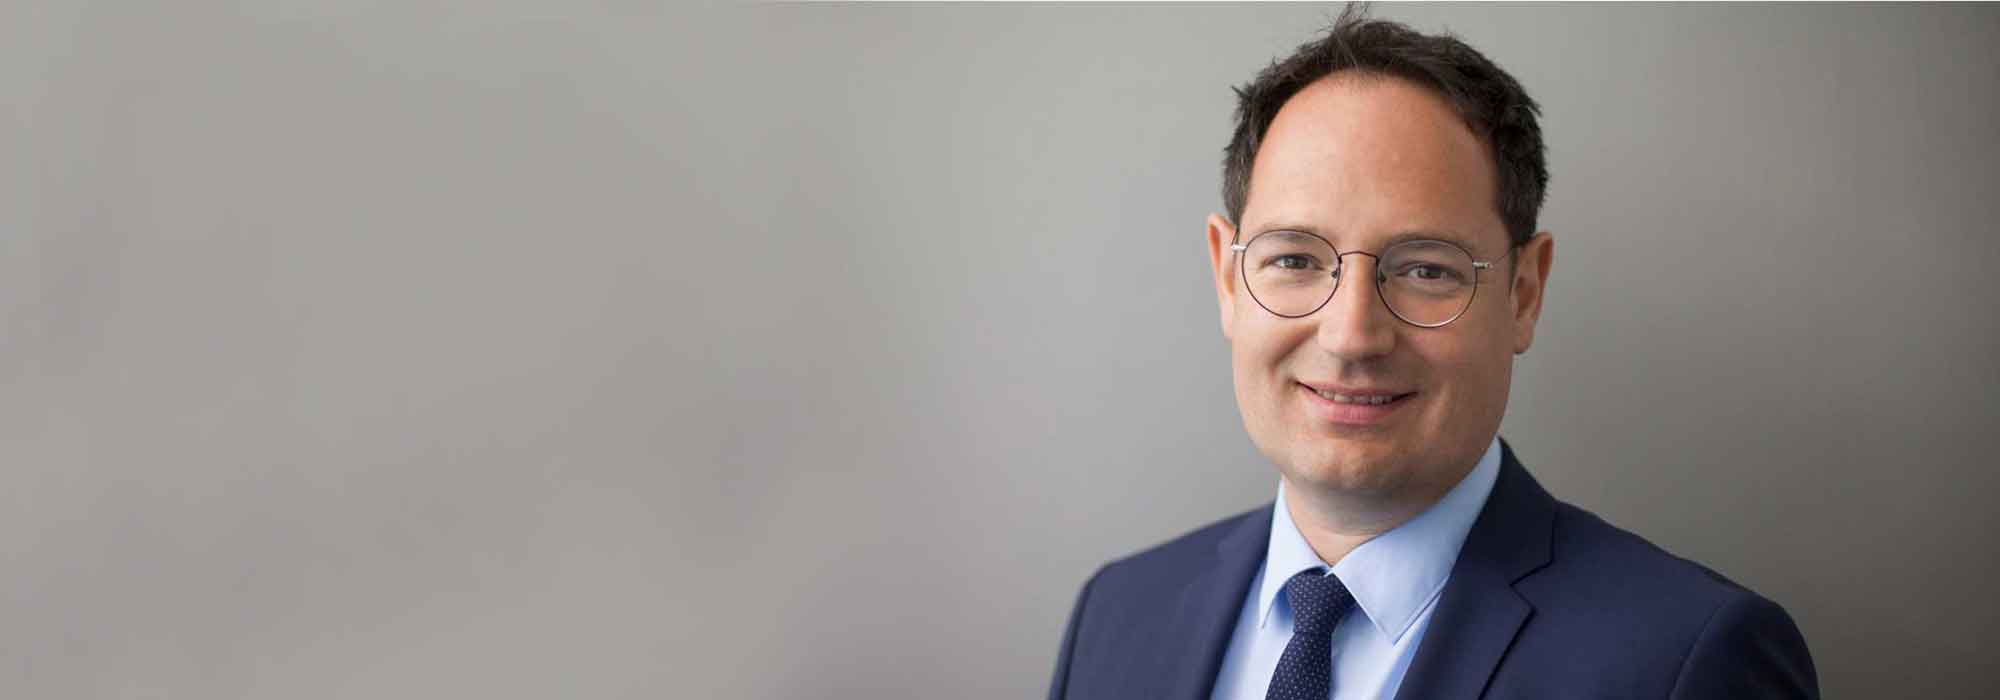 Rechtsanwalt und Partner Sven Wilhelmy